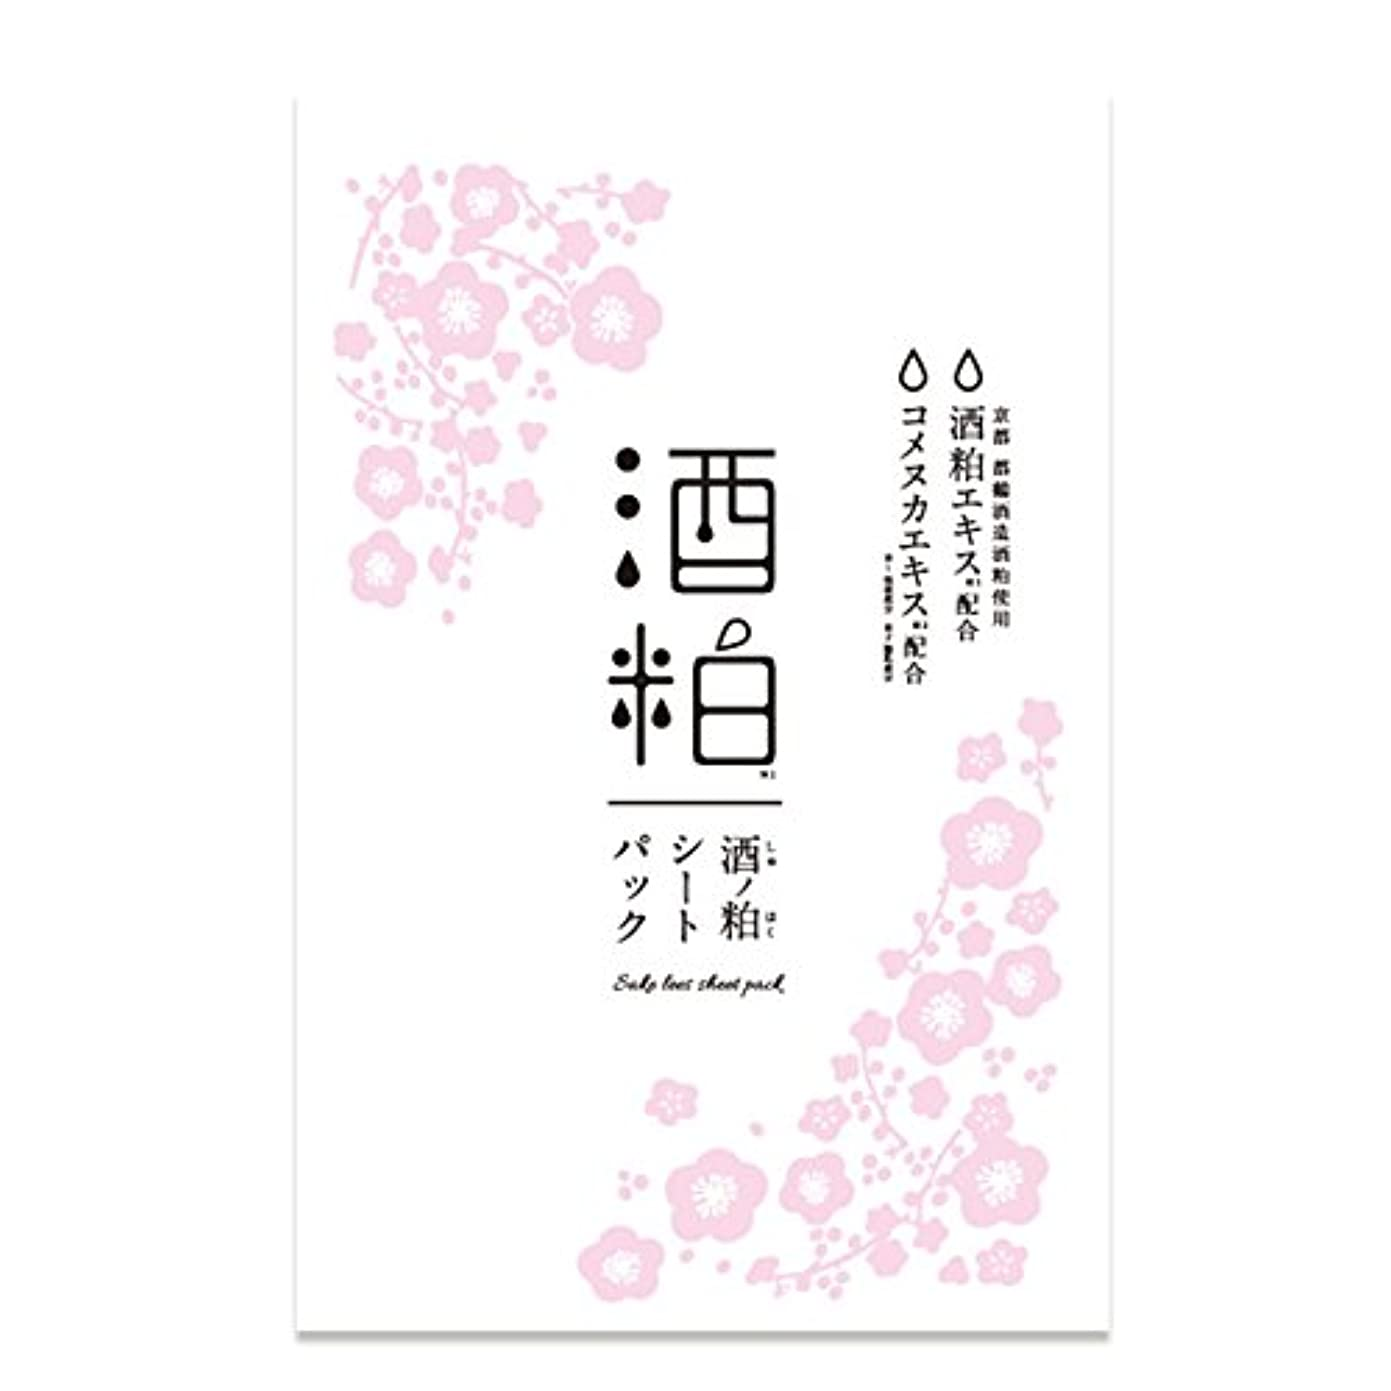 浪費のれん実装する酒粕シートパック(美白マスク)5枚セット 京都酒蔵の大吟醸酒粕のみ使用